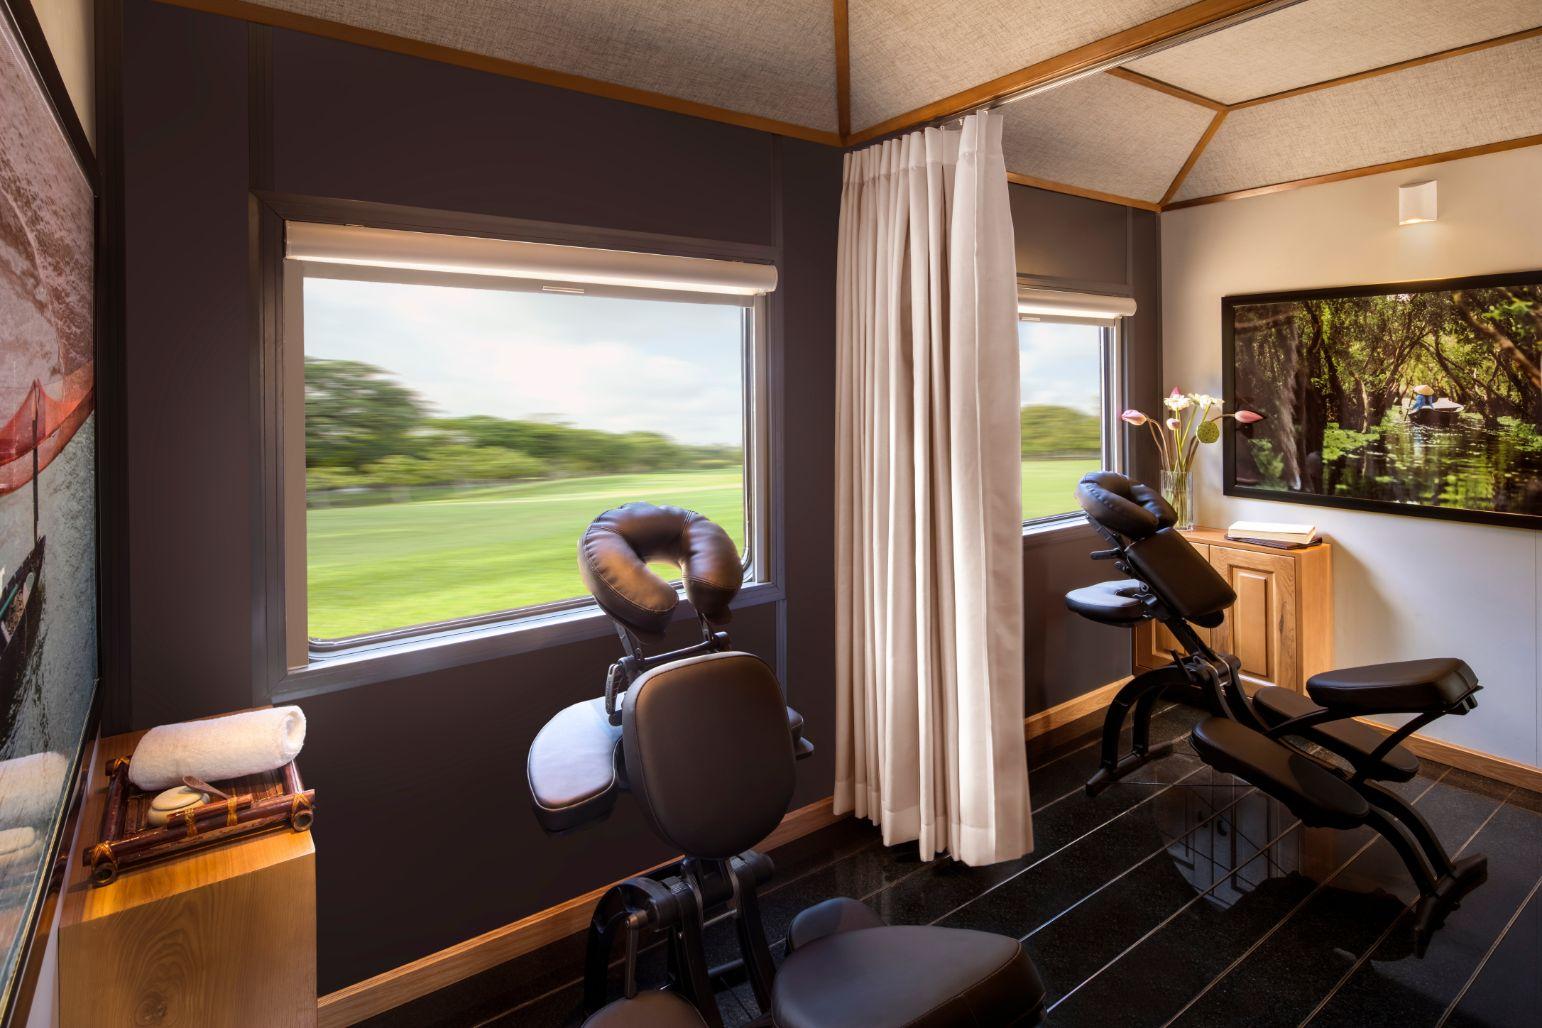 Una de las salas para relajarse en el tren de Vietage : Thevietagetrain.com